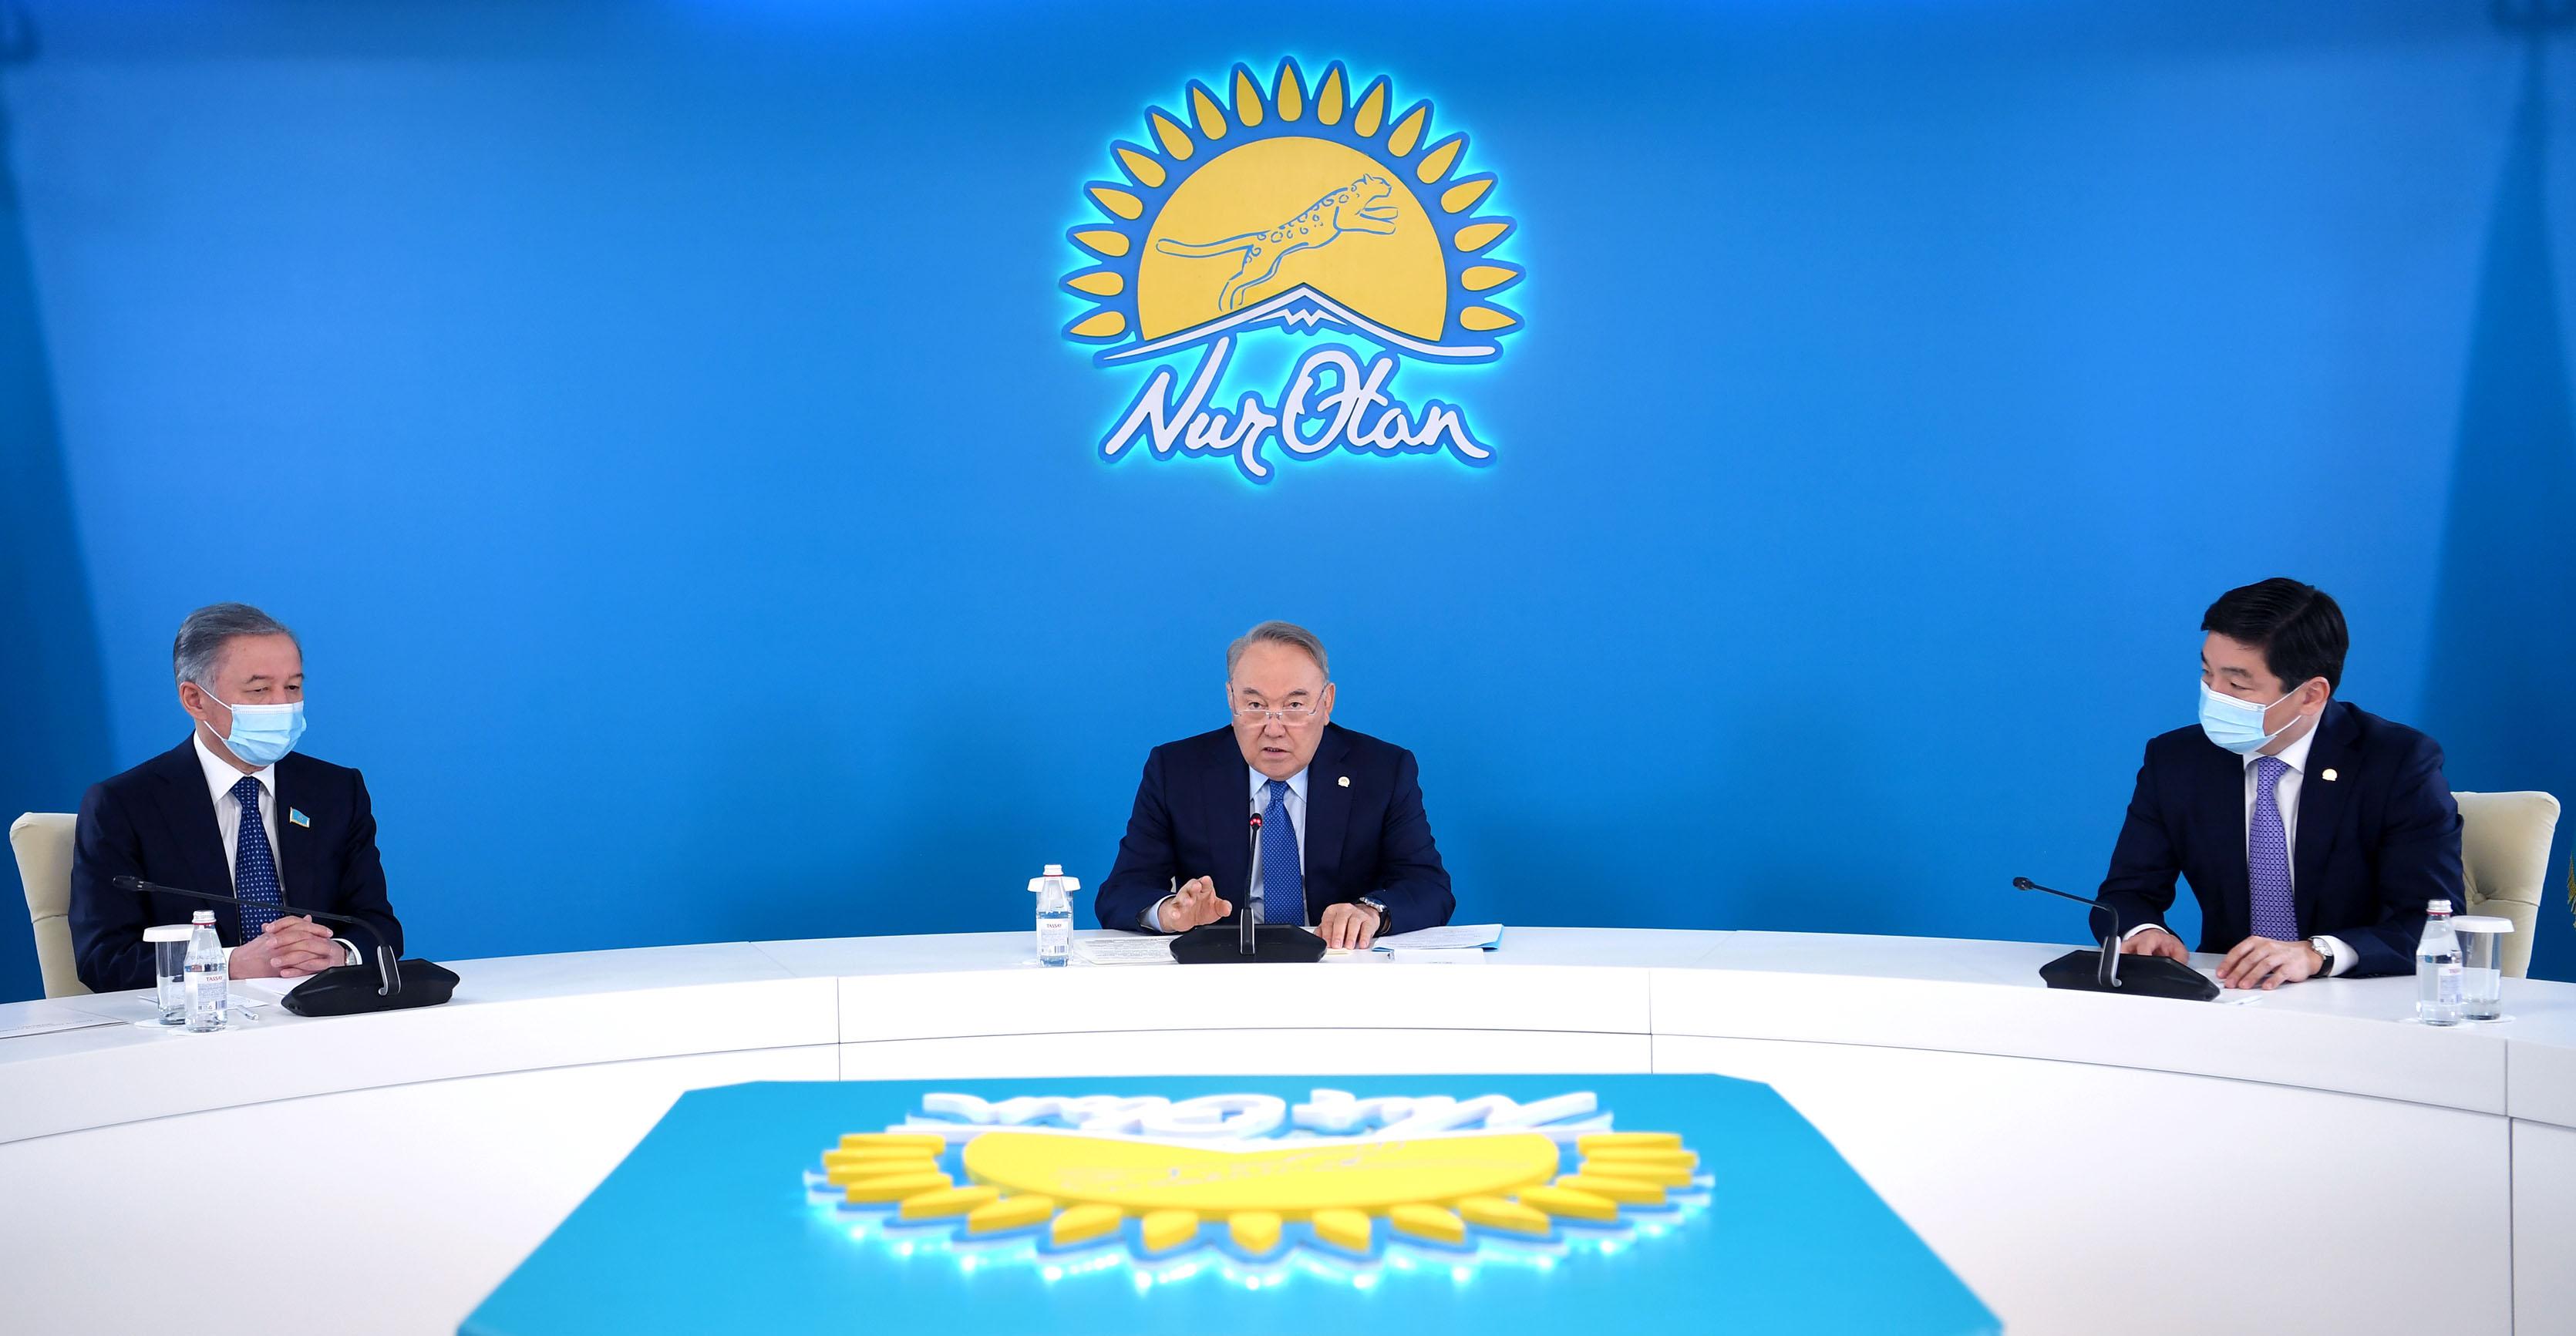 Председатель партии Nur Otan принял участие в заседании фракции партии в мажилисе парламента